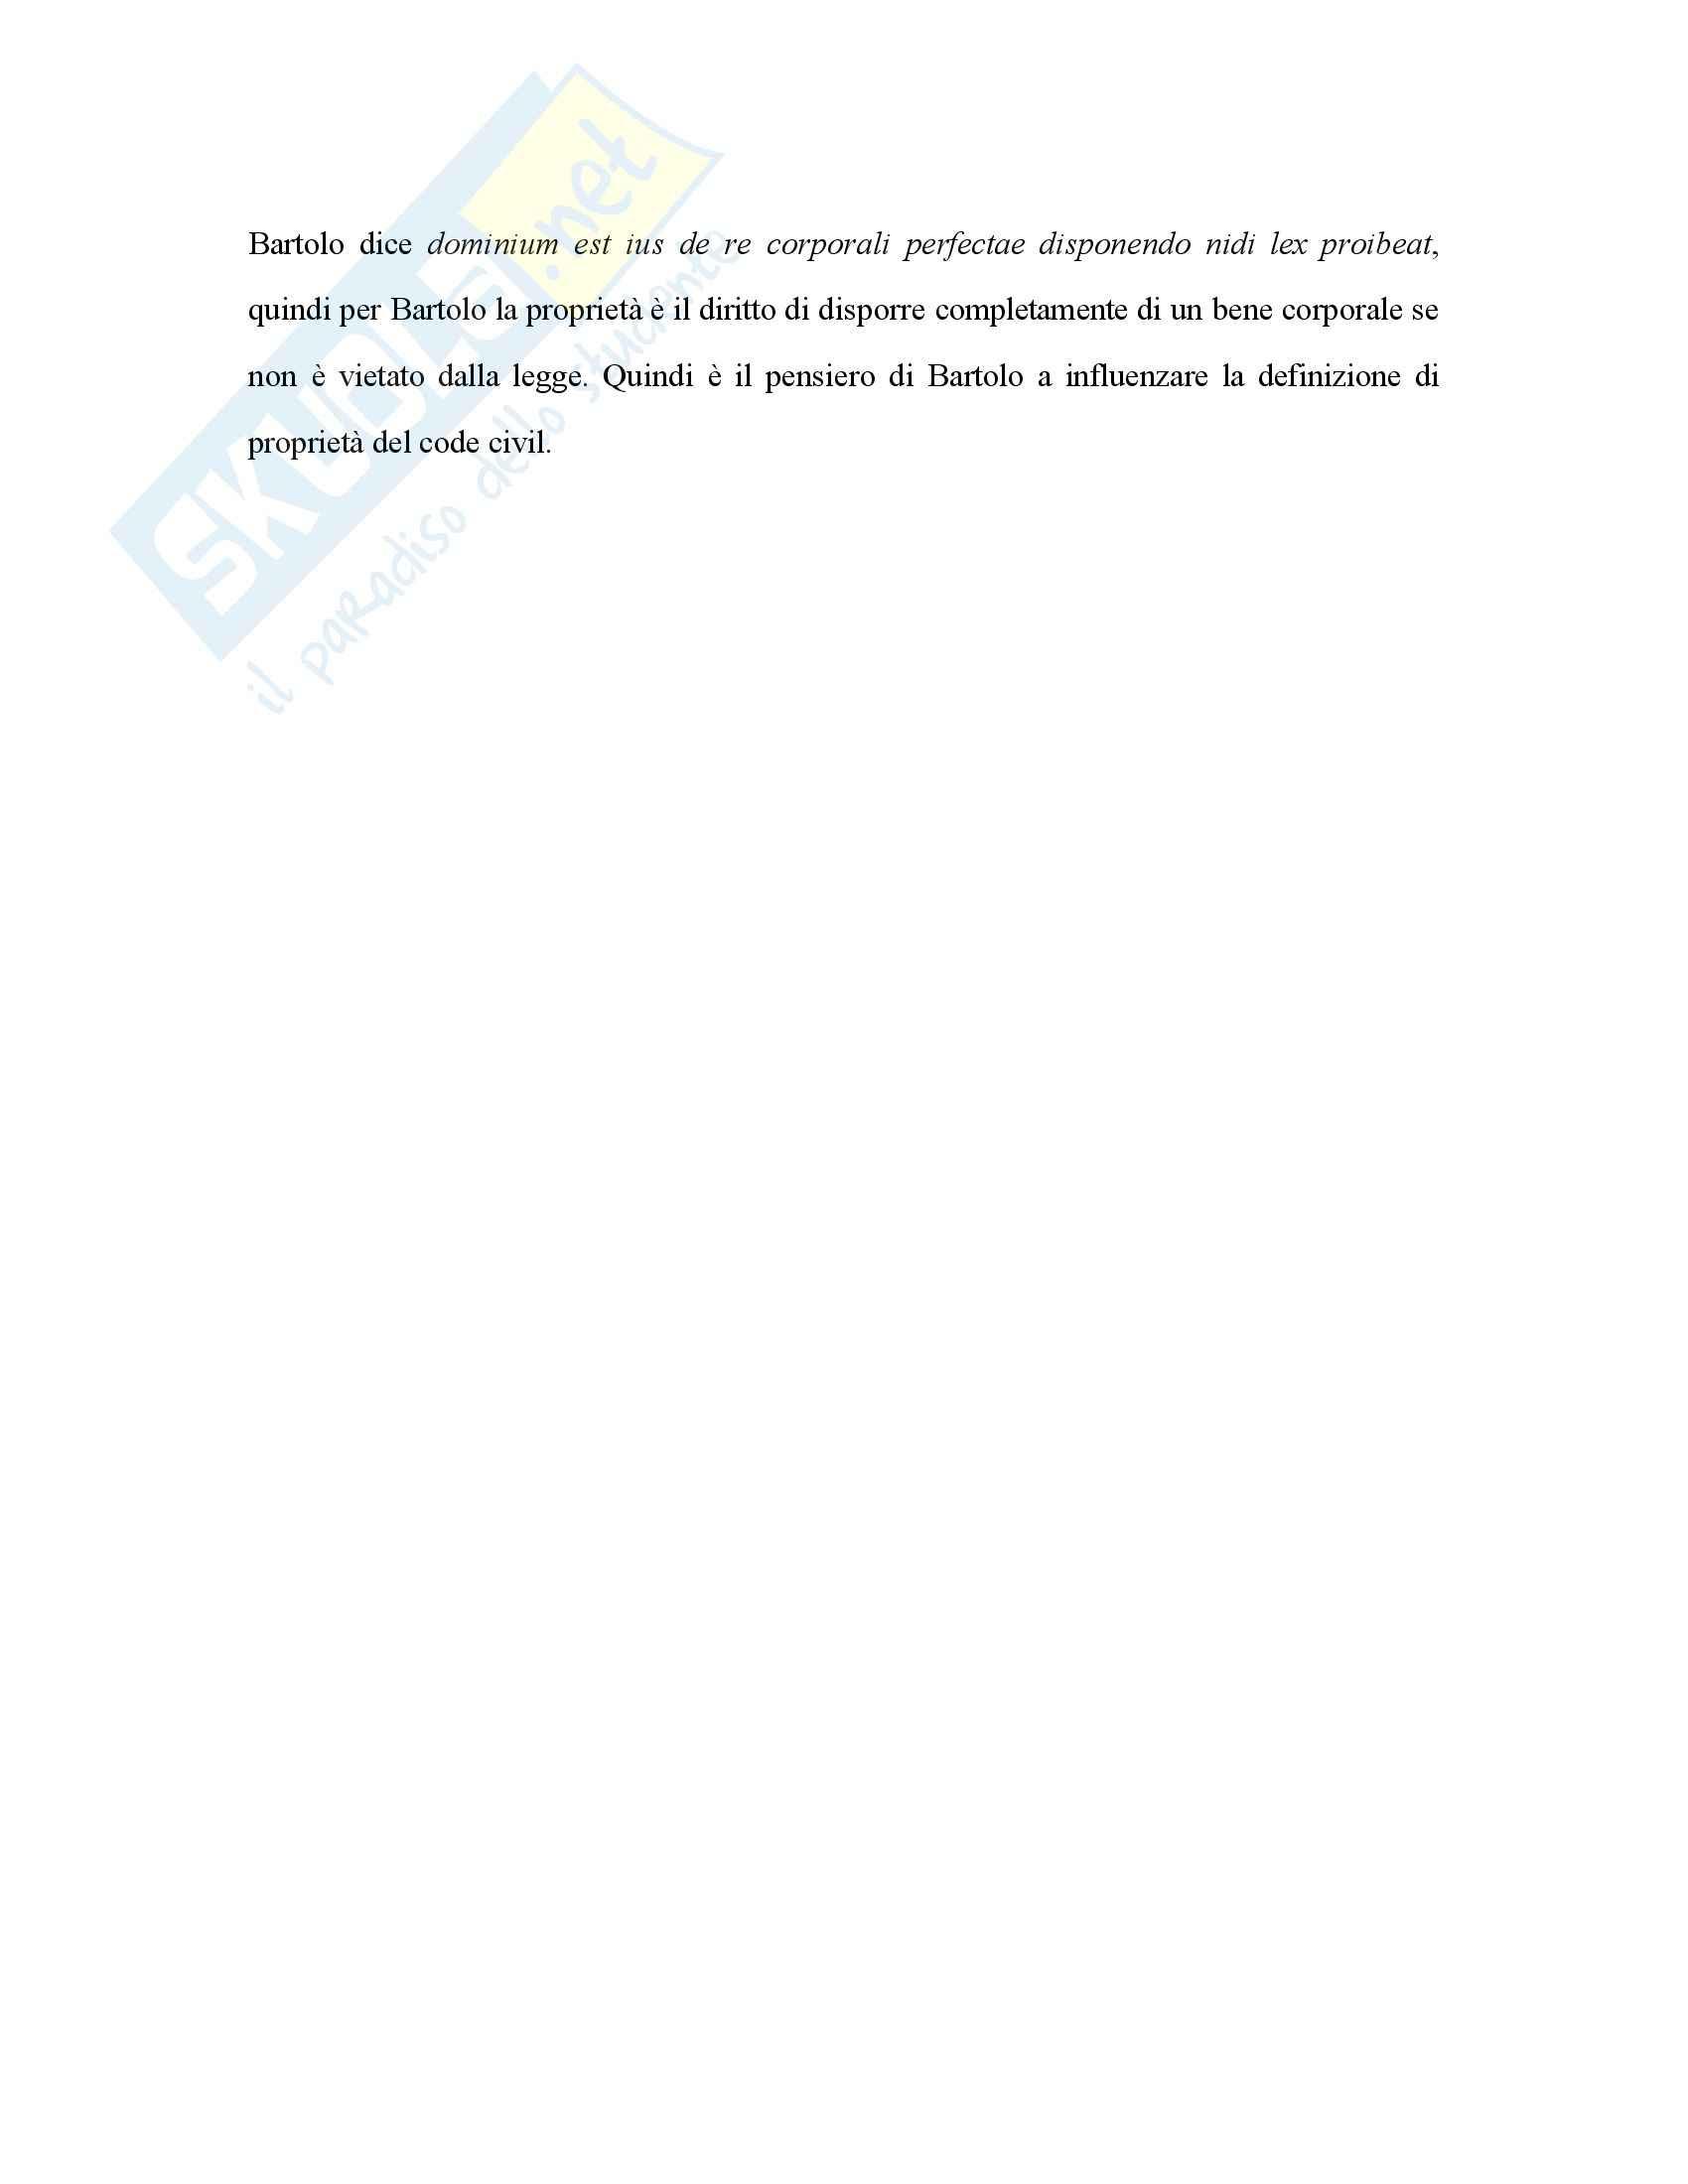 Storia del diritto medievale e moderno Pag. 61